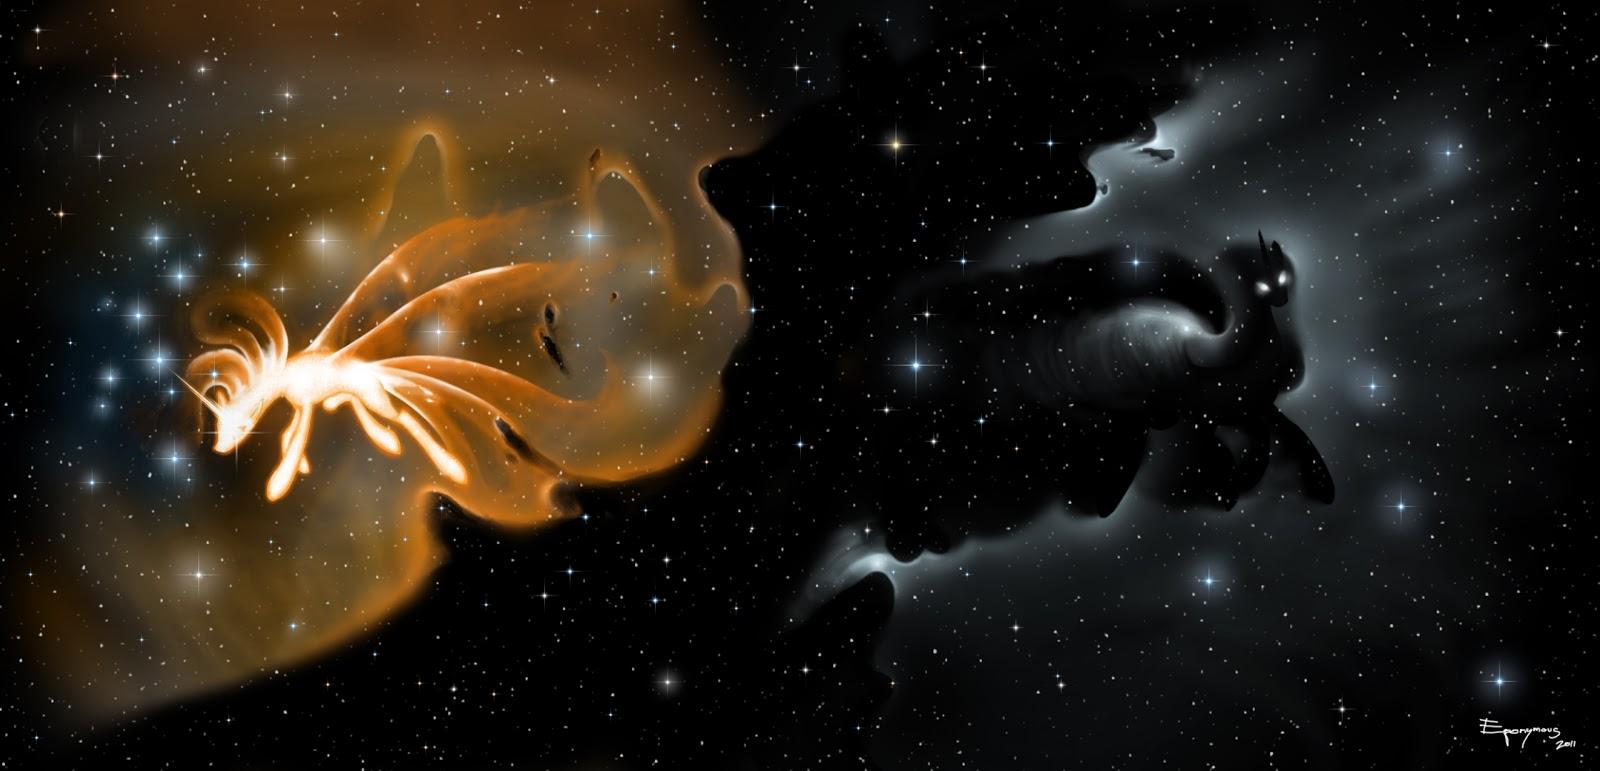 http://3.bp.blogspot.com/-1F30C2JBLGQ/TiOJjPFYXJI/AAAAAAAAIpE/CQqpKr79jIY/s1600/36095+-+artist+eponymous+celestia+galaxies+luna+space+Stars+wallpaper.jpg